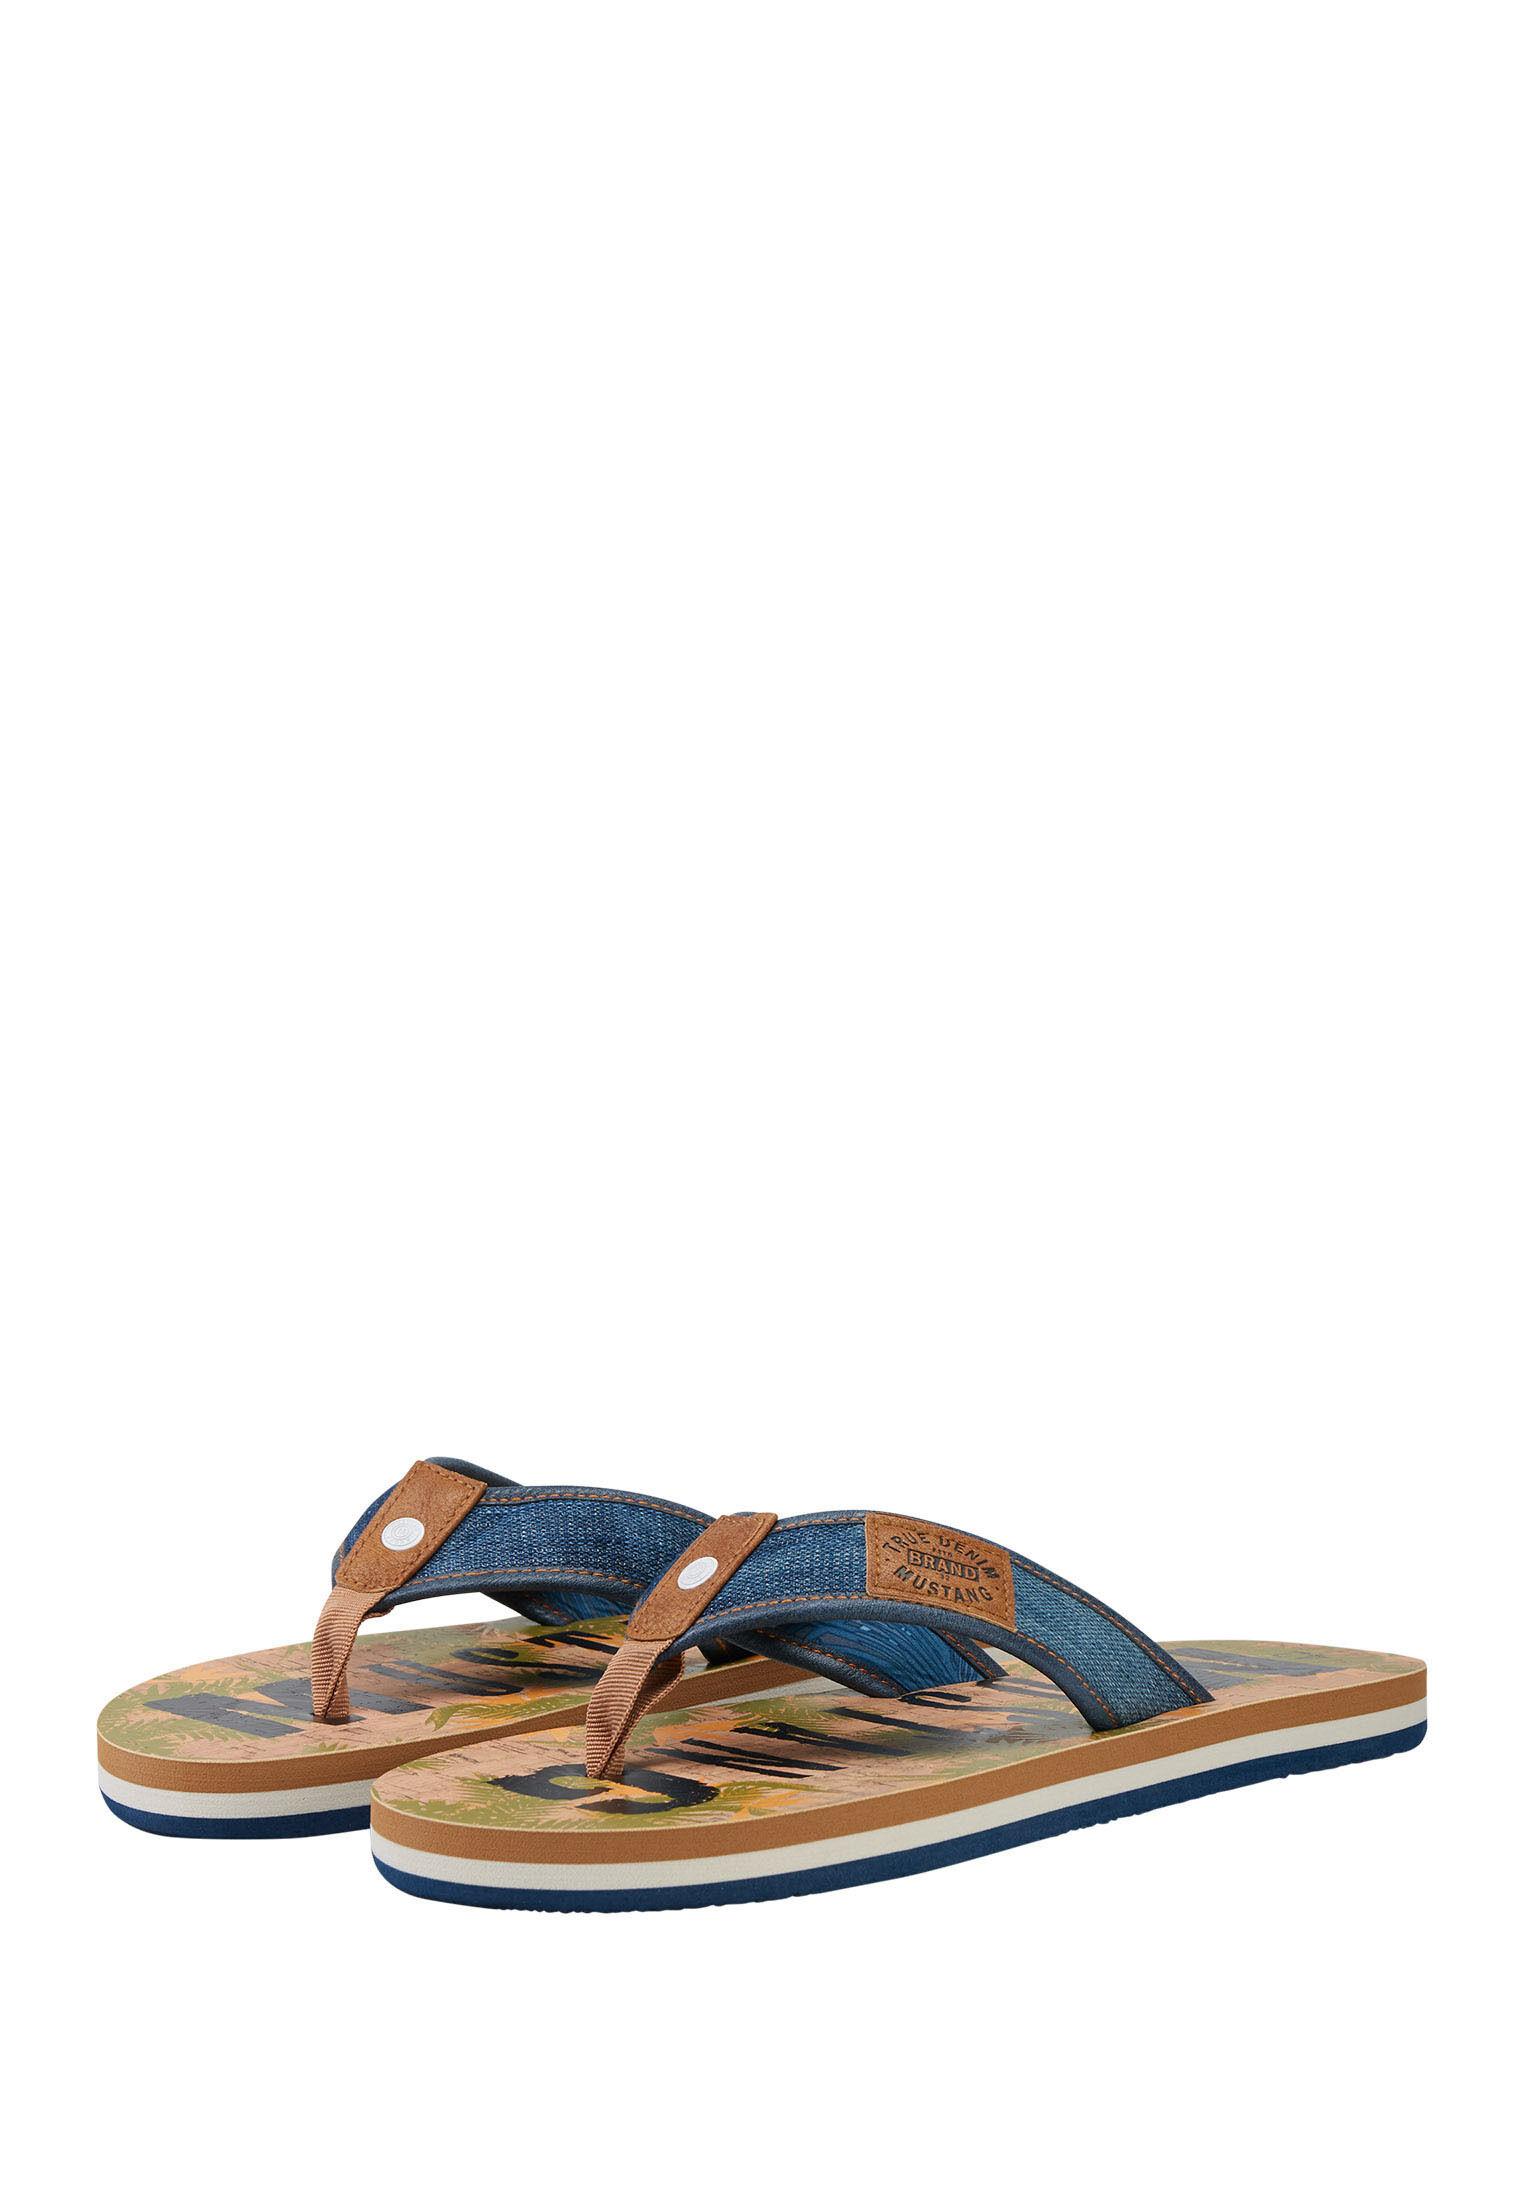 Sandalen mit Palmweder Muster